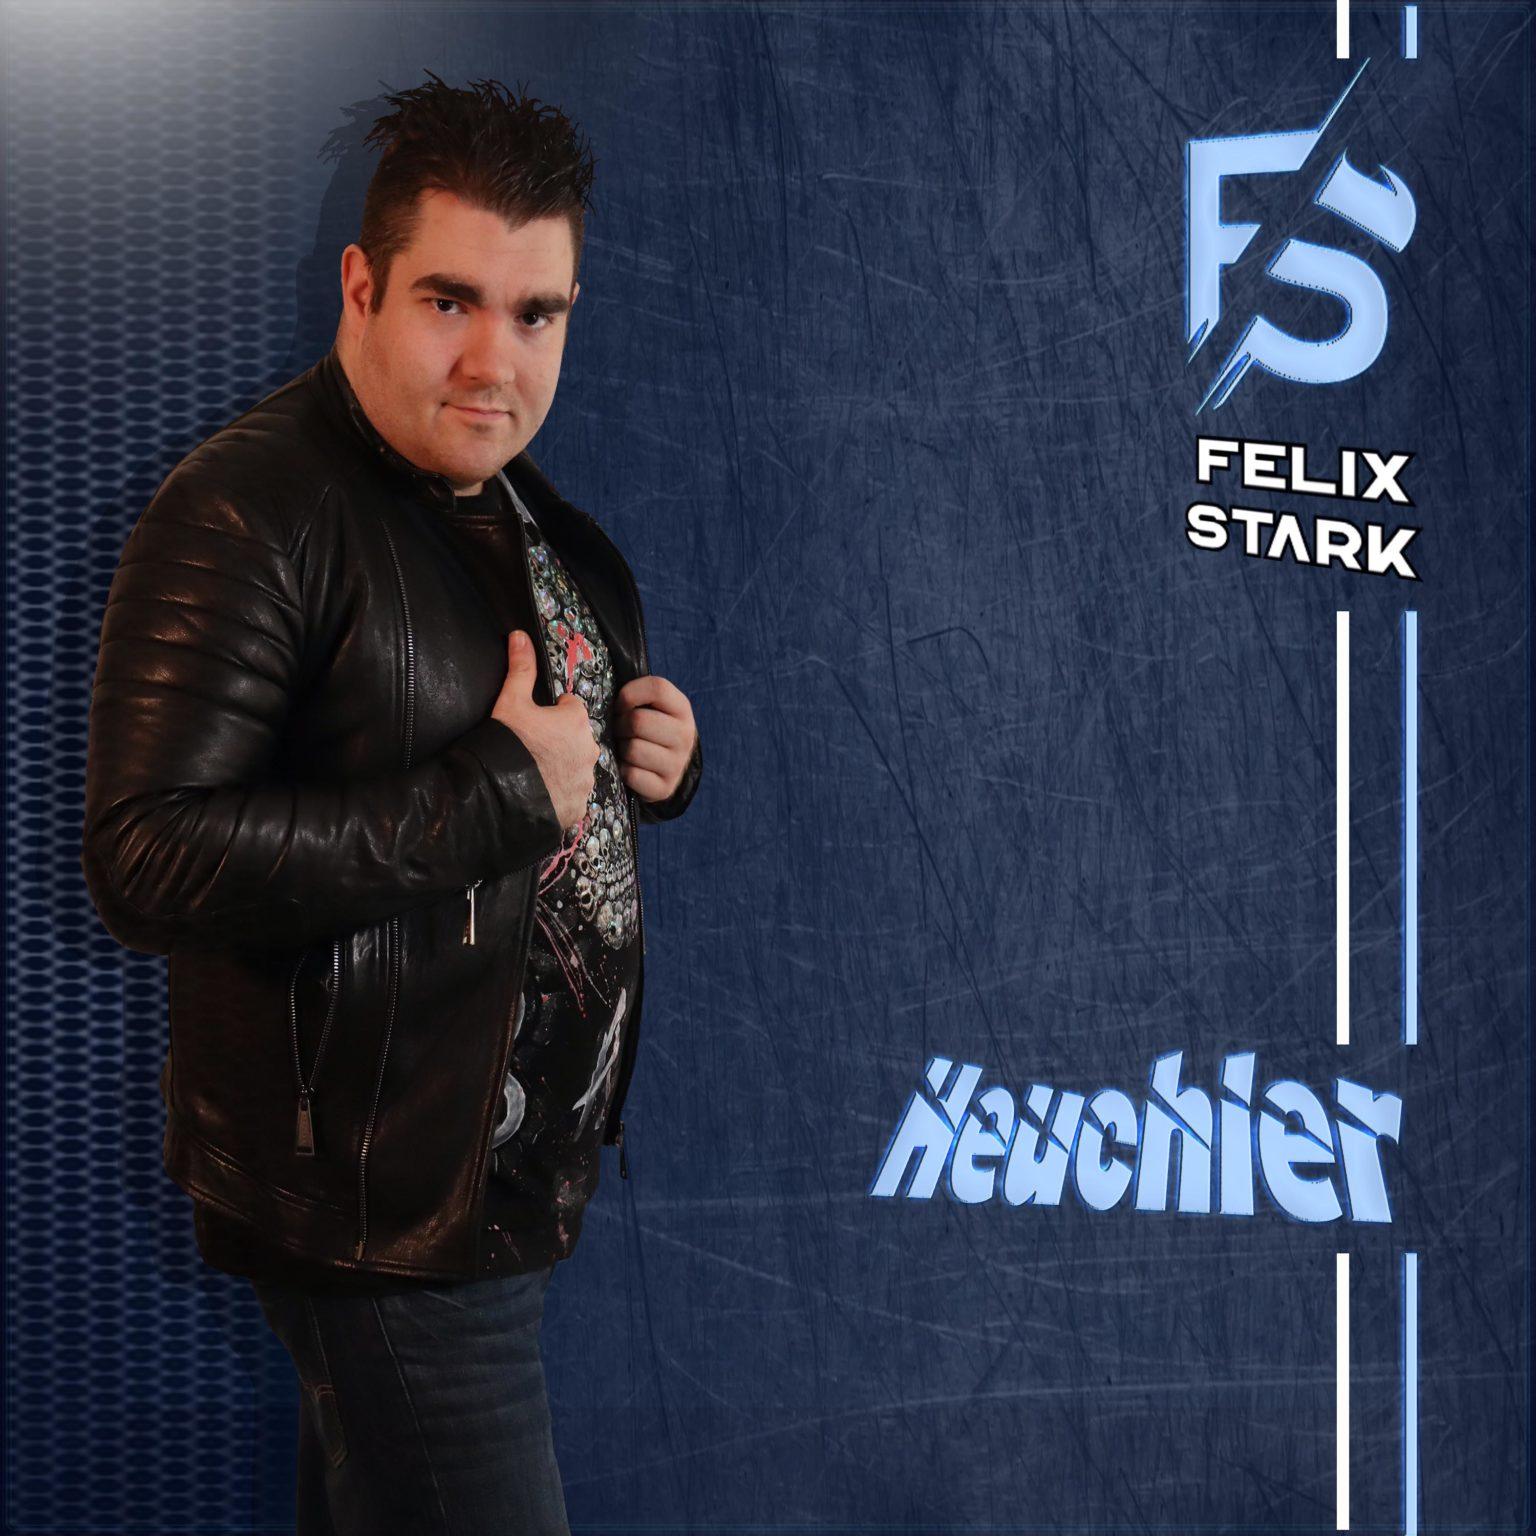 Felix Stark - Heuchler (2021)